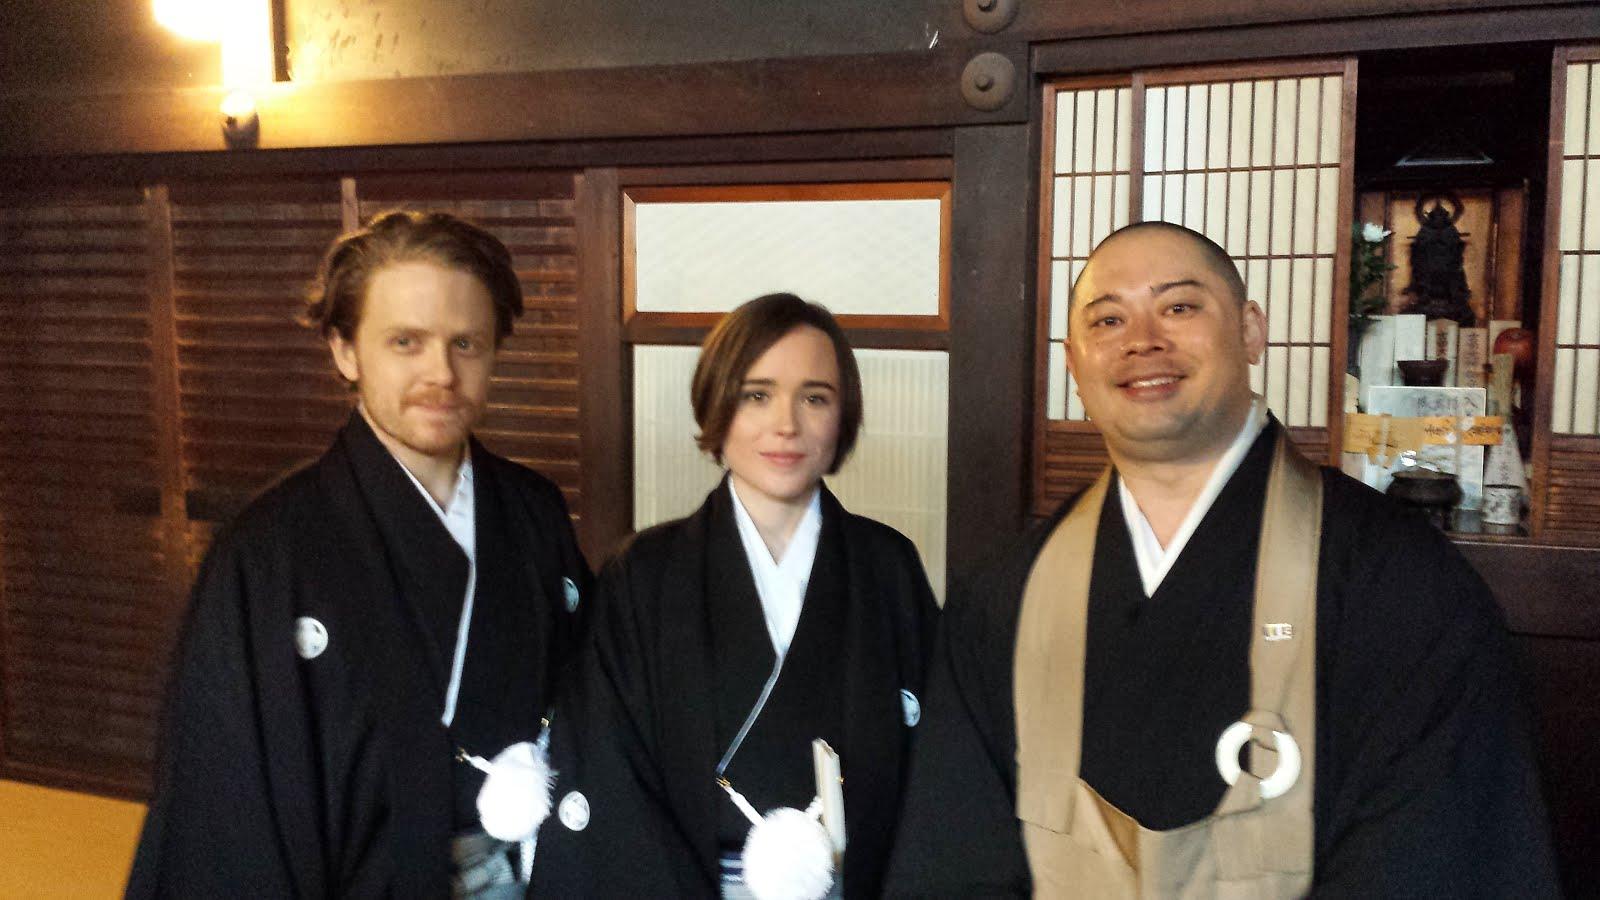 Ms. Ellen Page's VIsit